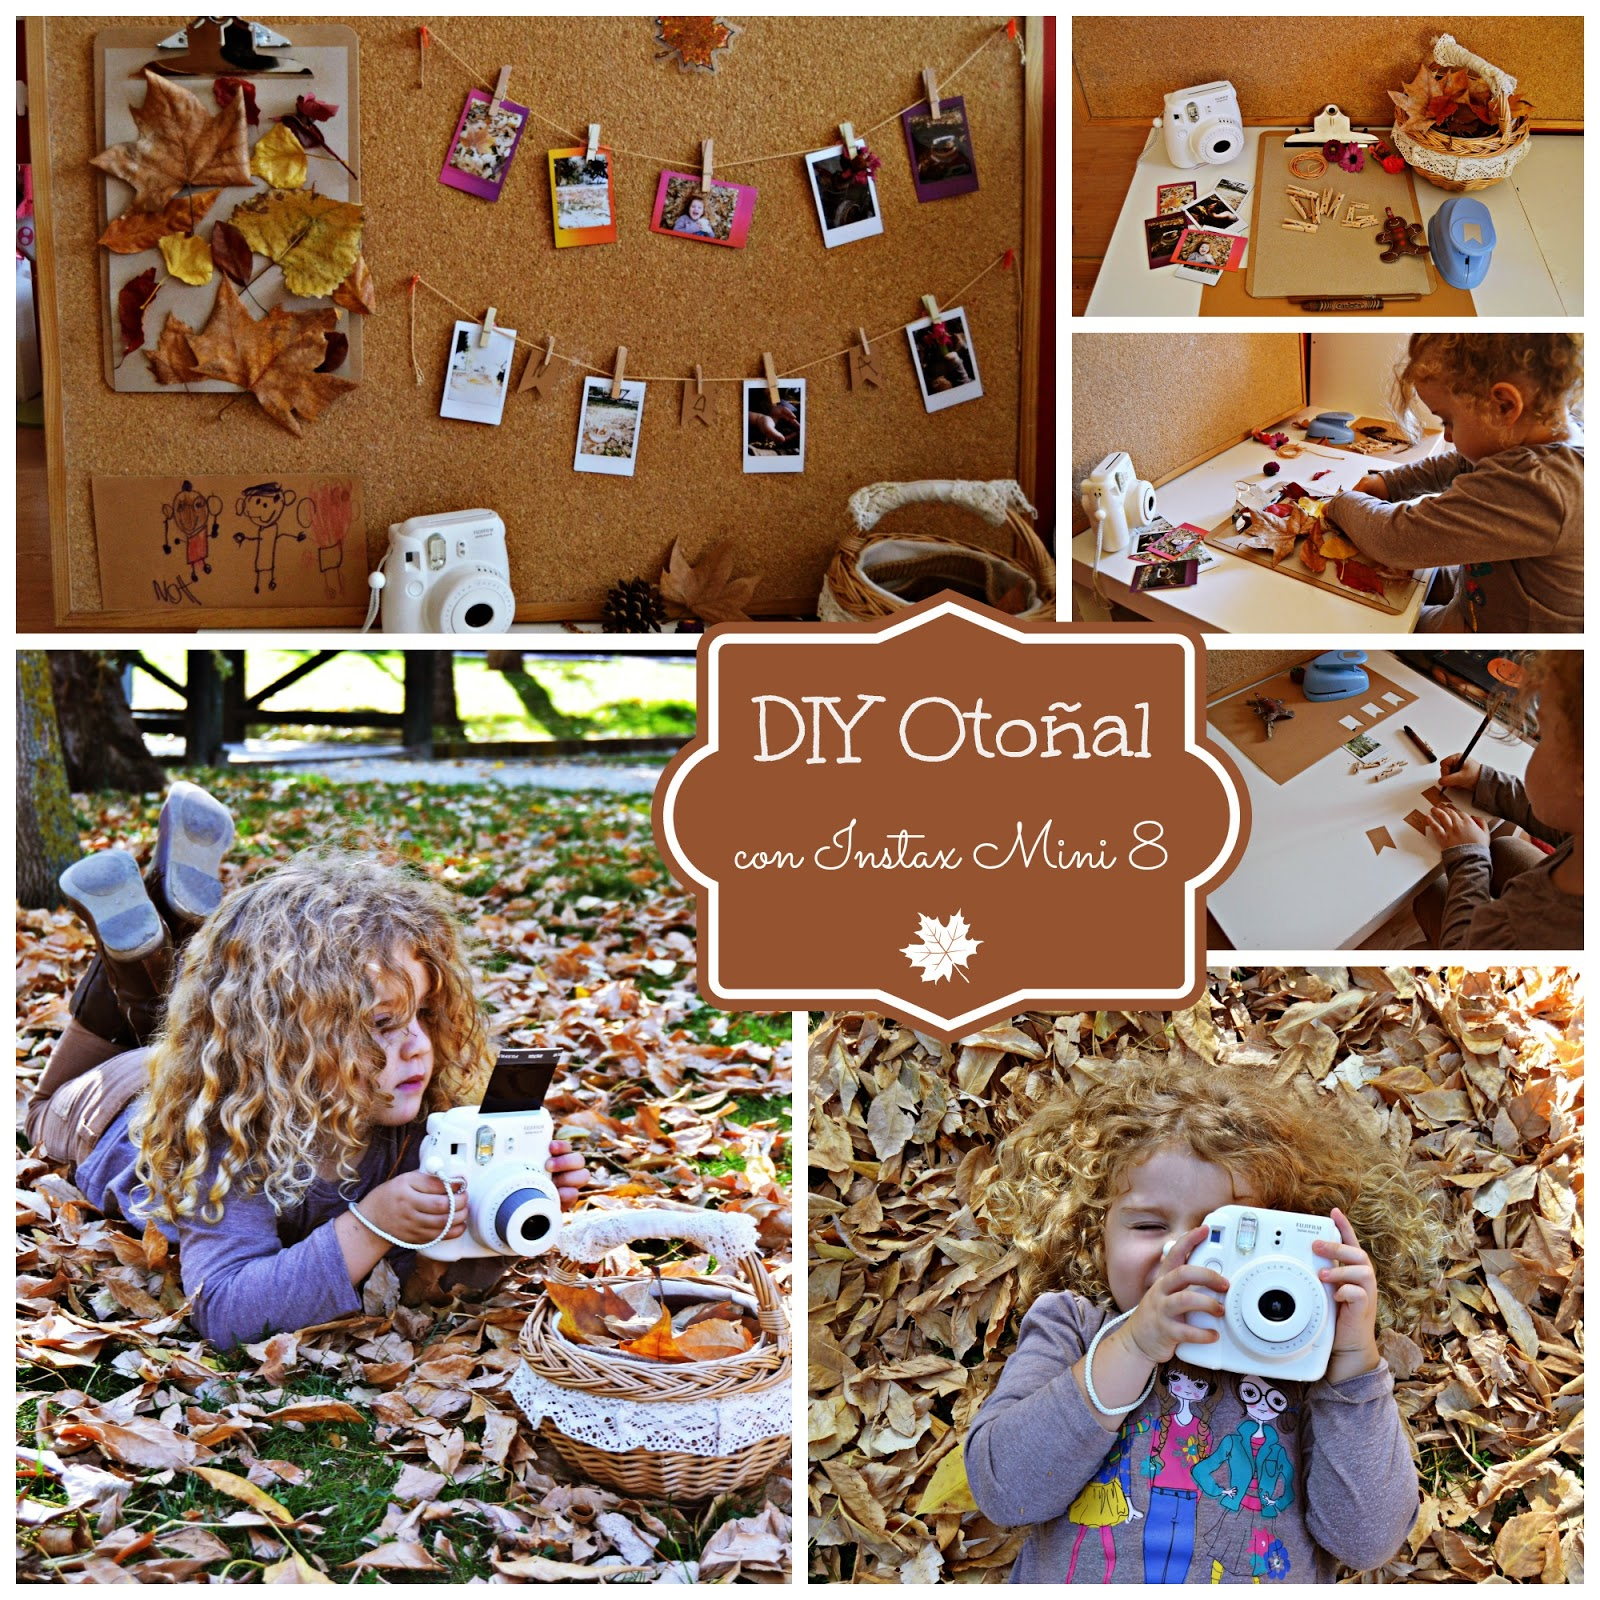 #InstaxDIY DIY otoñal con fotos Instax Mini 8 de Fujifilm blog infantil mama de noa